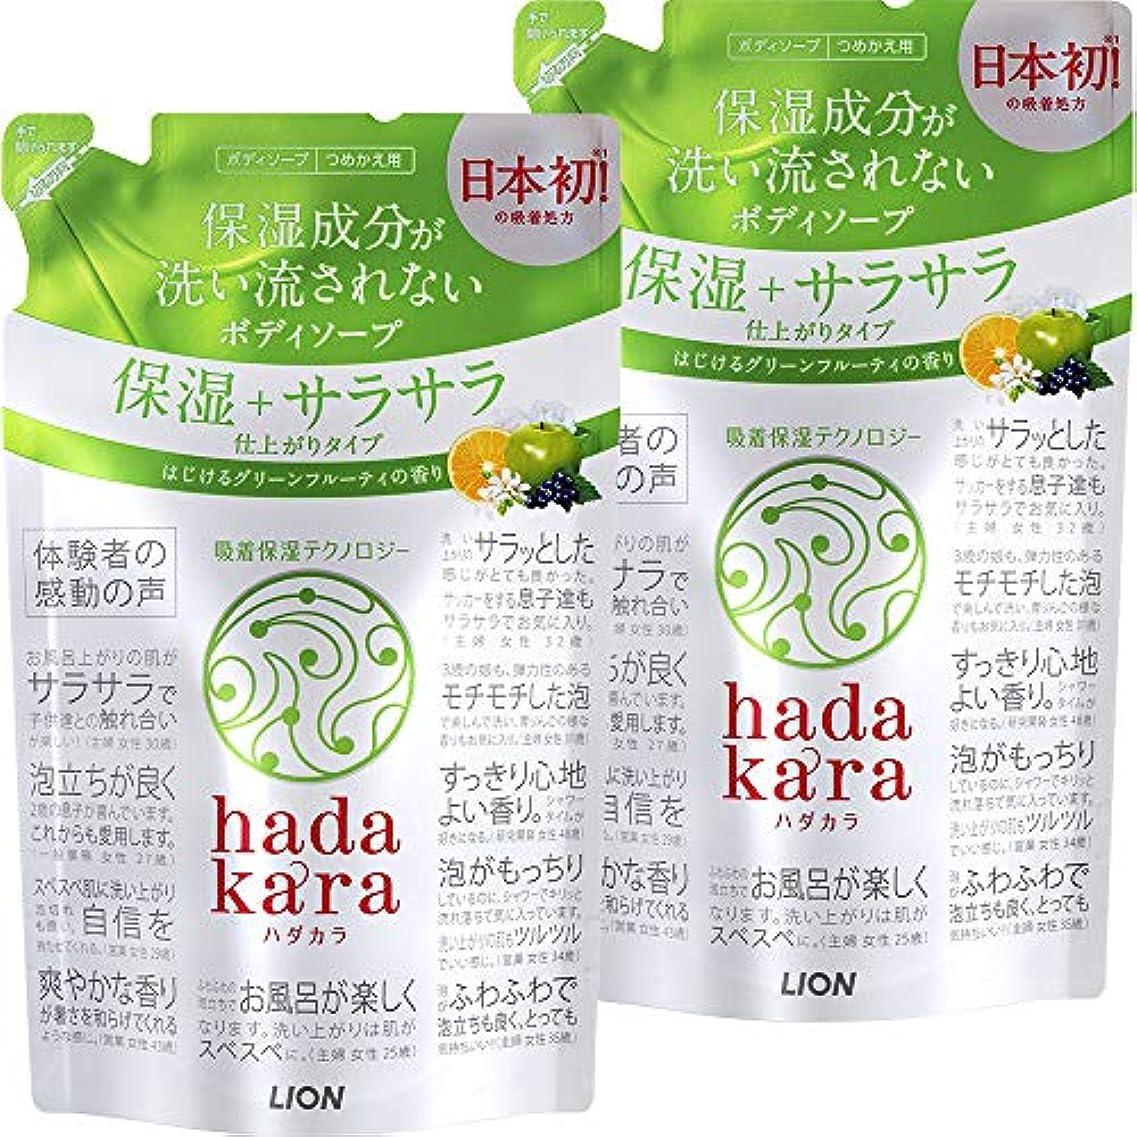 境界いう具体的に【まとめ買い】hadakara(ハダカラ) ボディソープ 保湿+サラサラ仕上がりタイプ グリーンフルーティの香り 詰め替え 340ml×2個パック